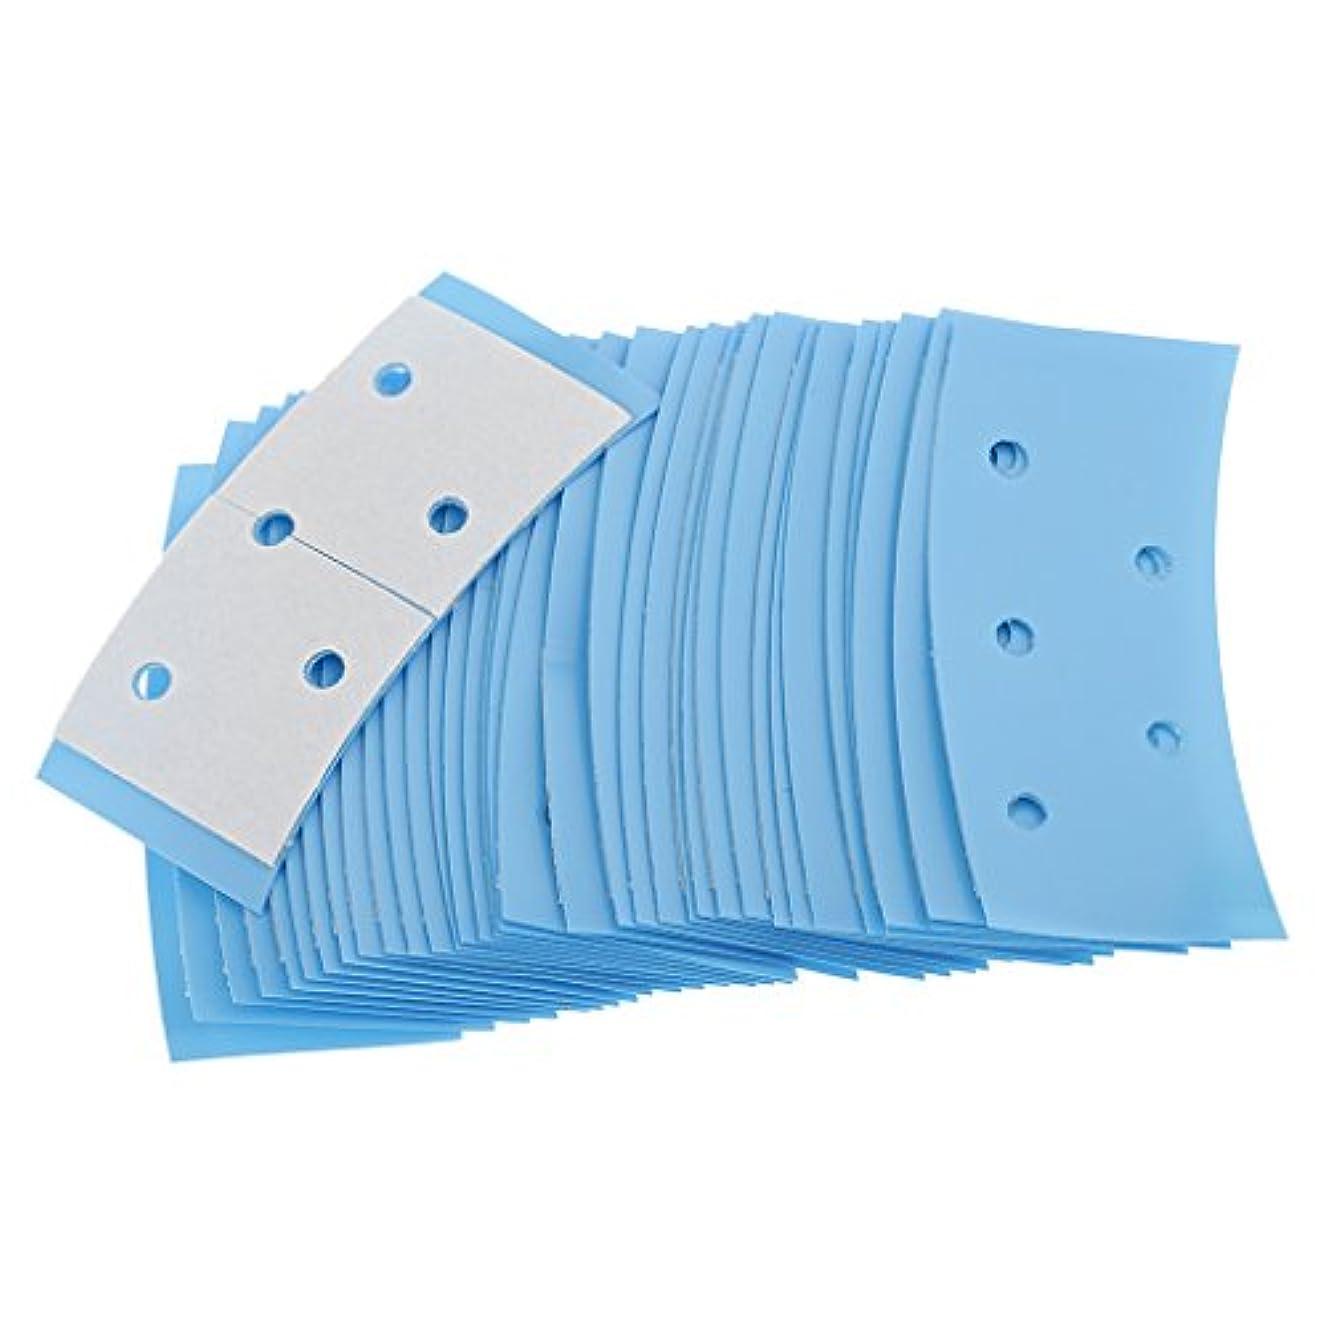 貧しい浪費死の顎両面テープ ヘアシステムテープ 両面接着テープ かつら用 約36枚セット